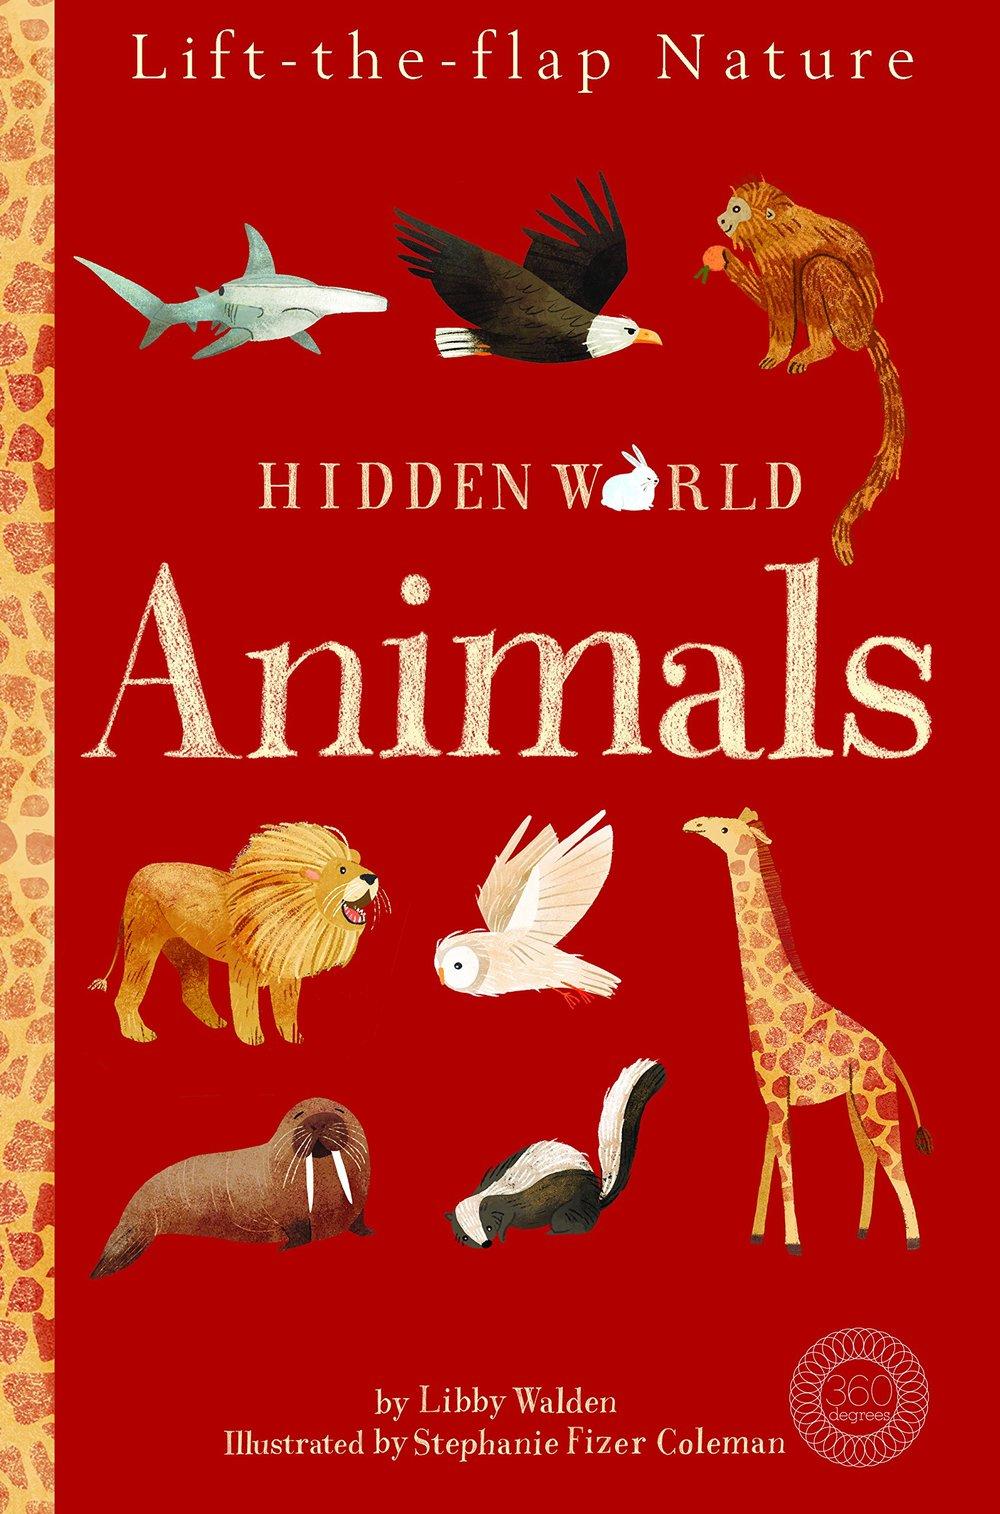 Hidden World: Animals - Caterpillar Books September 2018